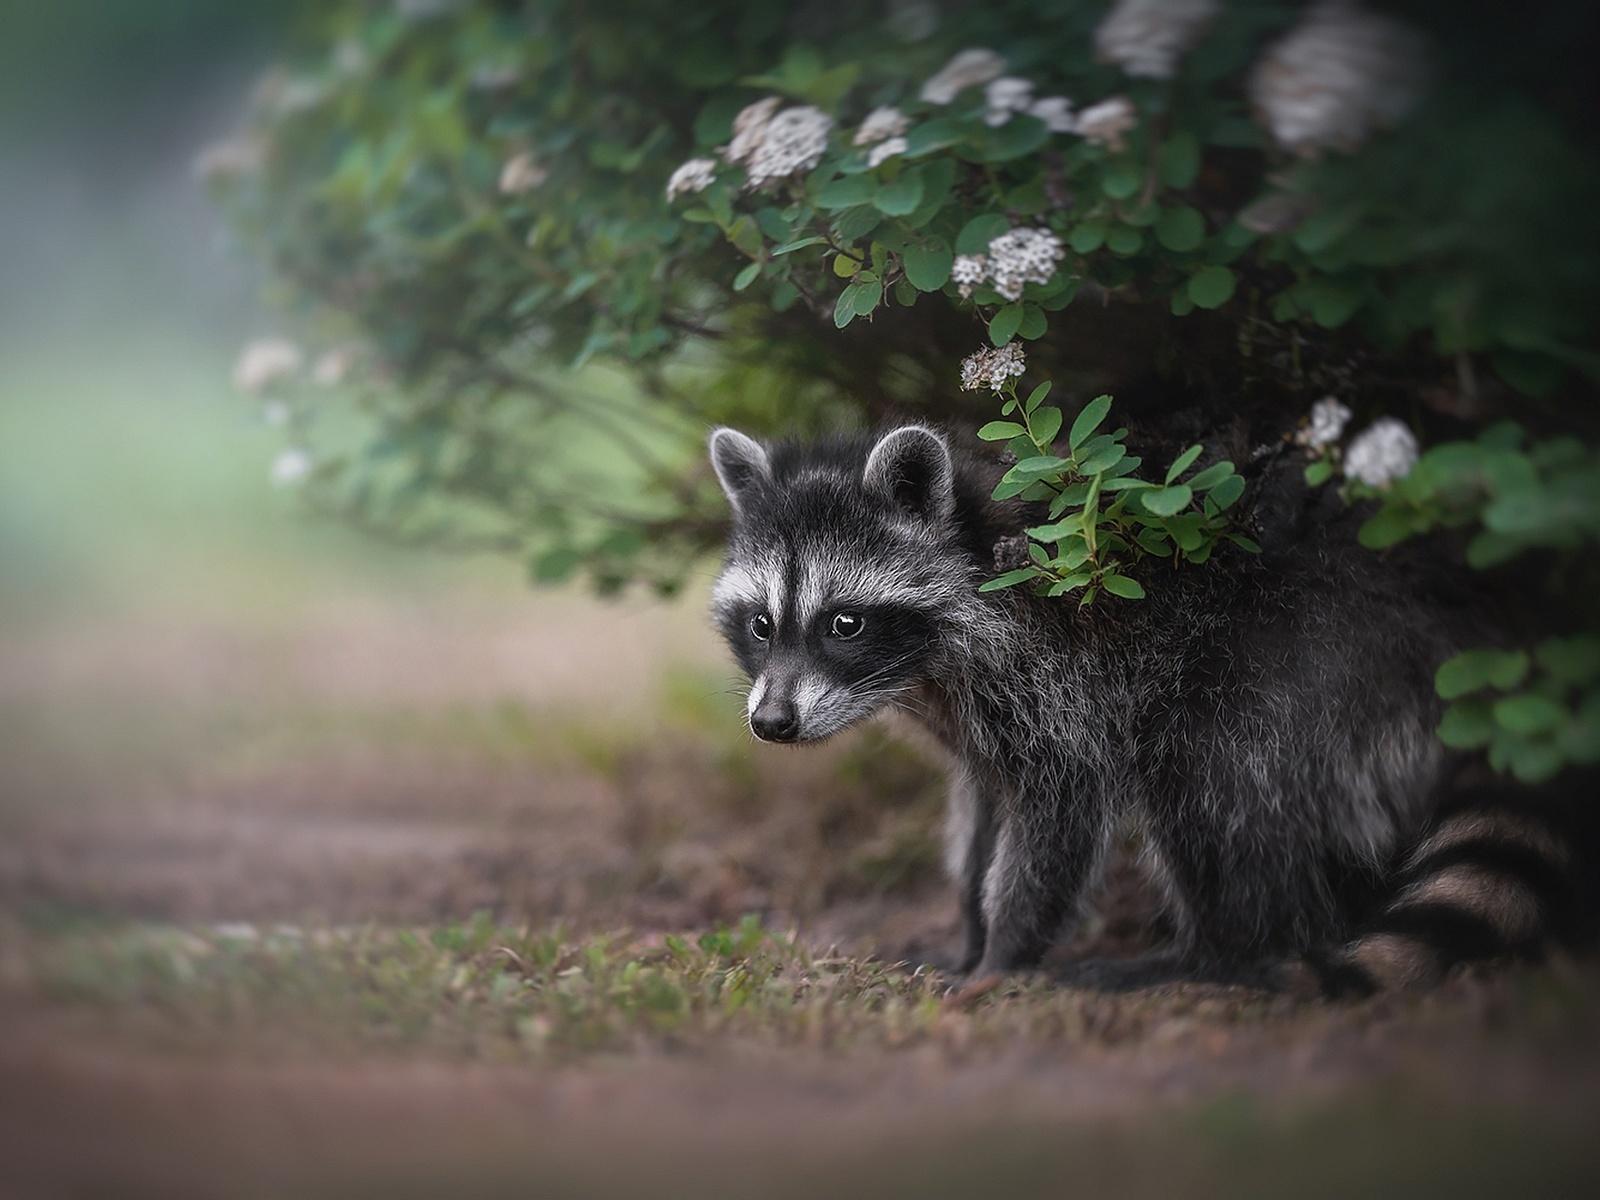 животное, енотик, детёныш, природа, лето, куст, енот